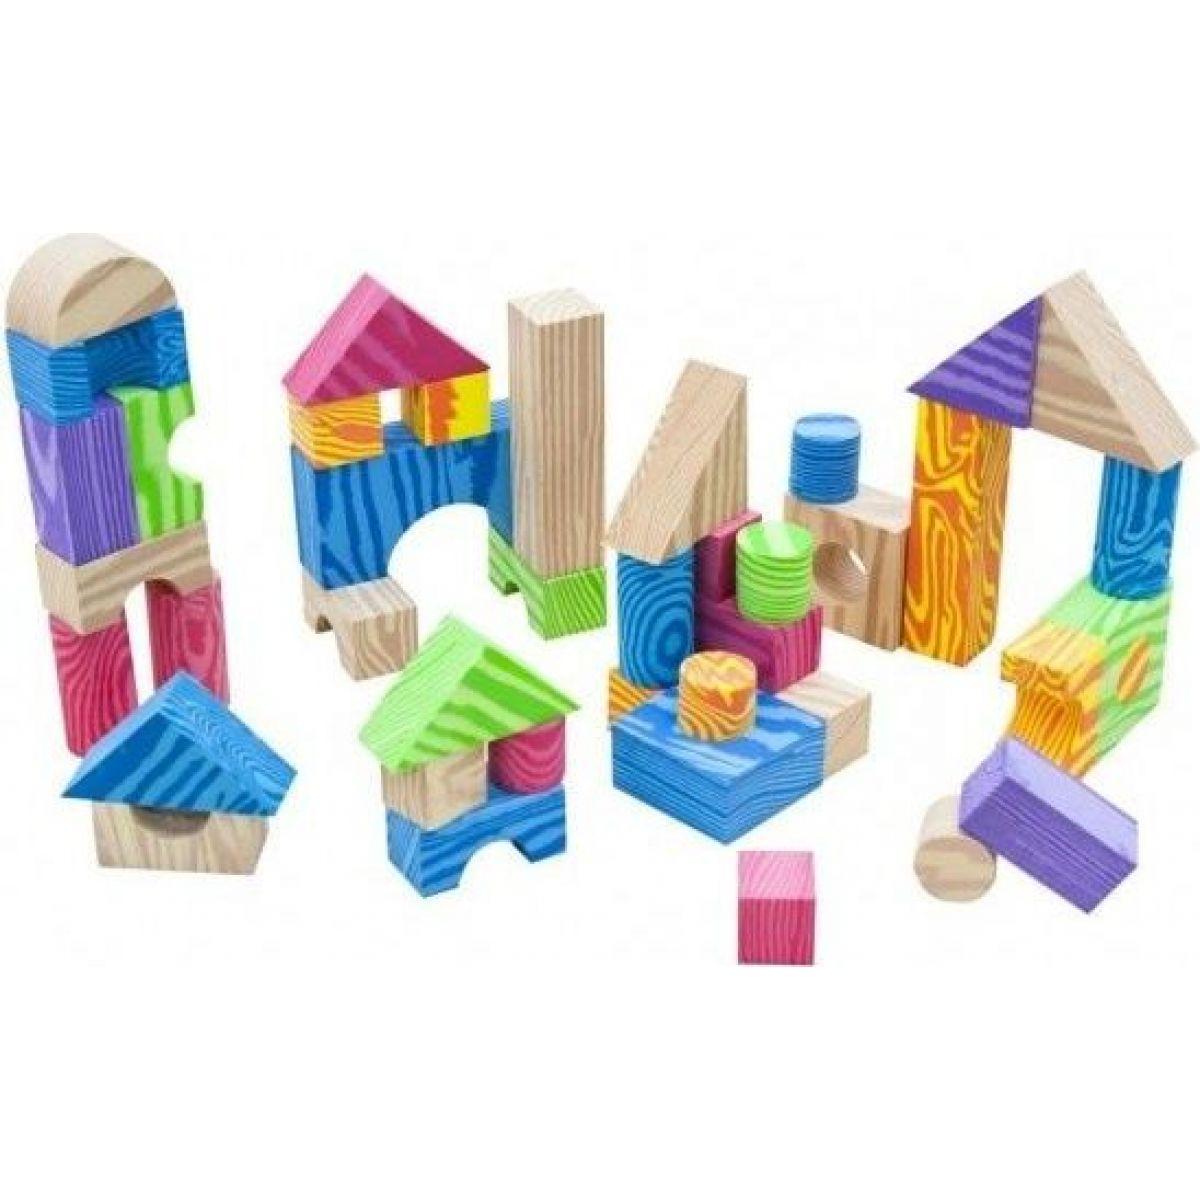 Kocky penové farebné mäkké 60 ks imitácia dreva v plastovej taške